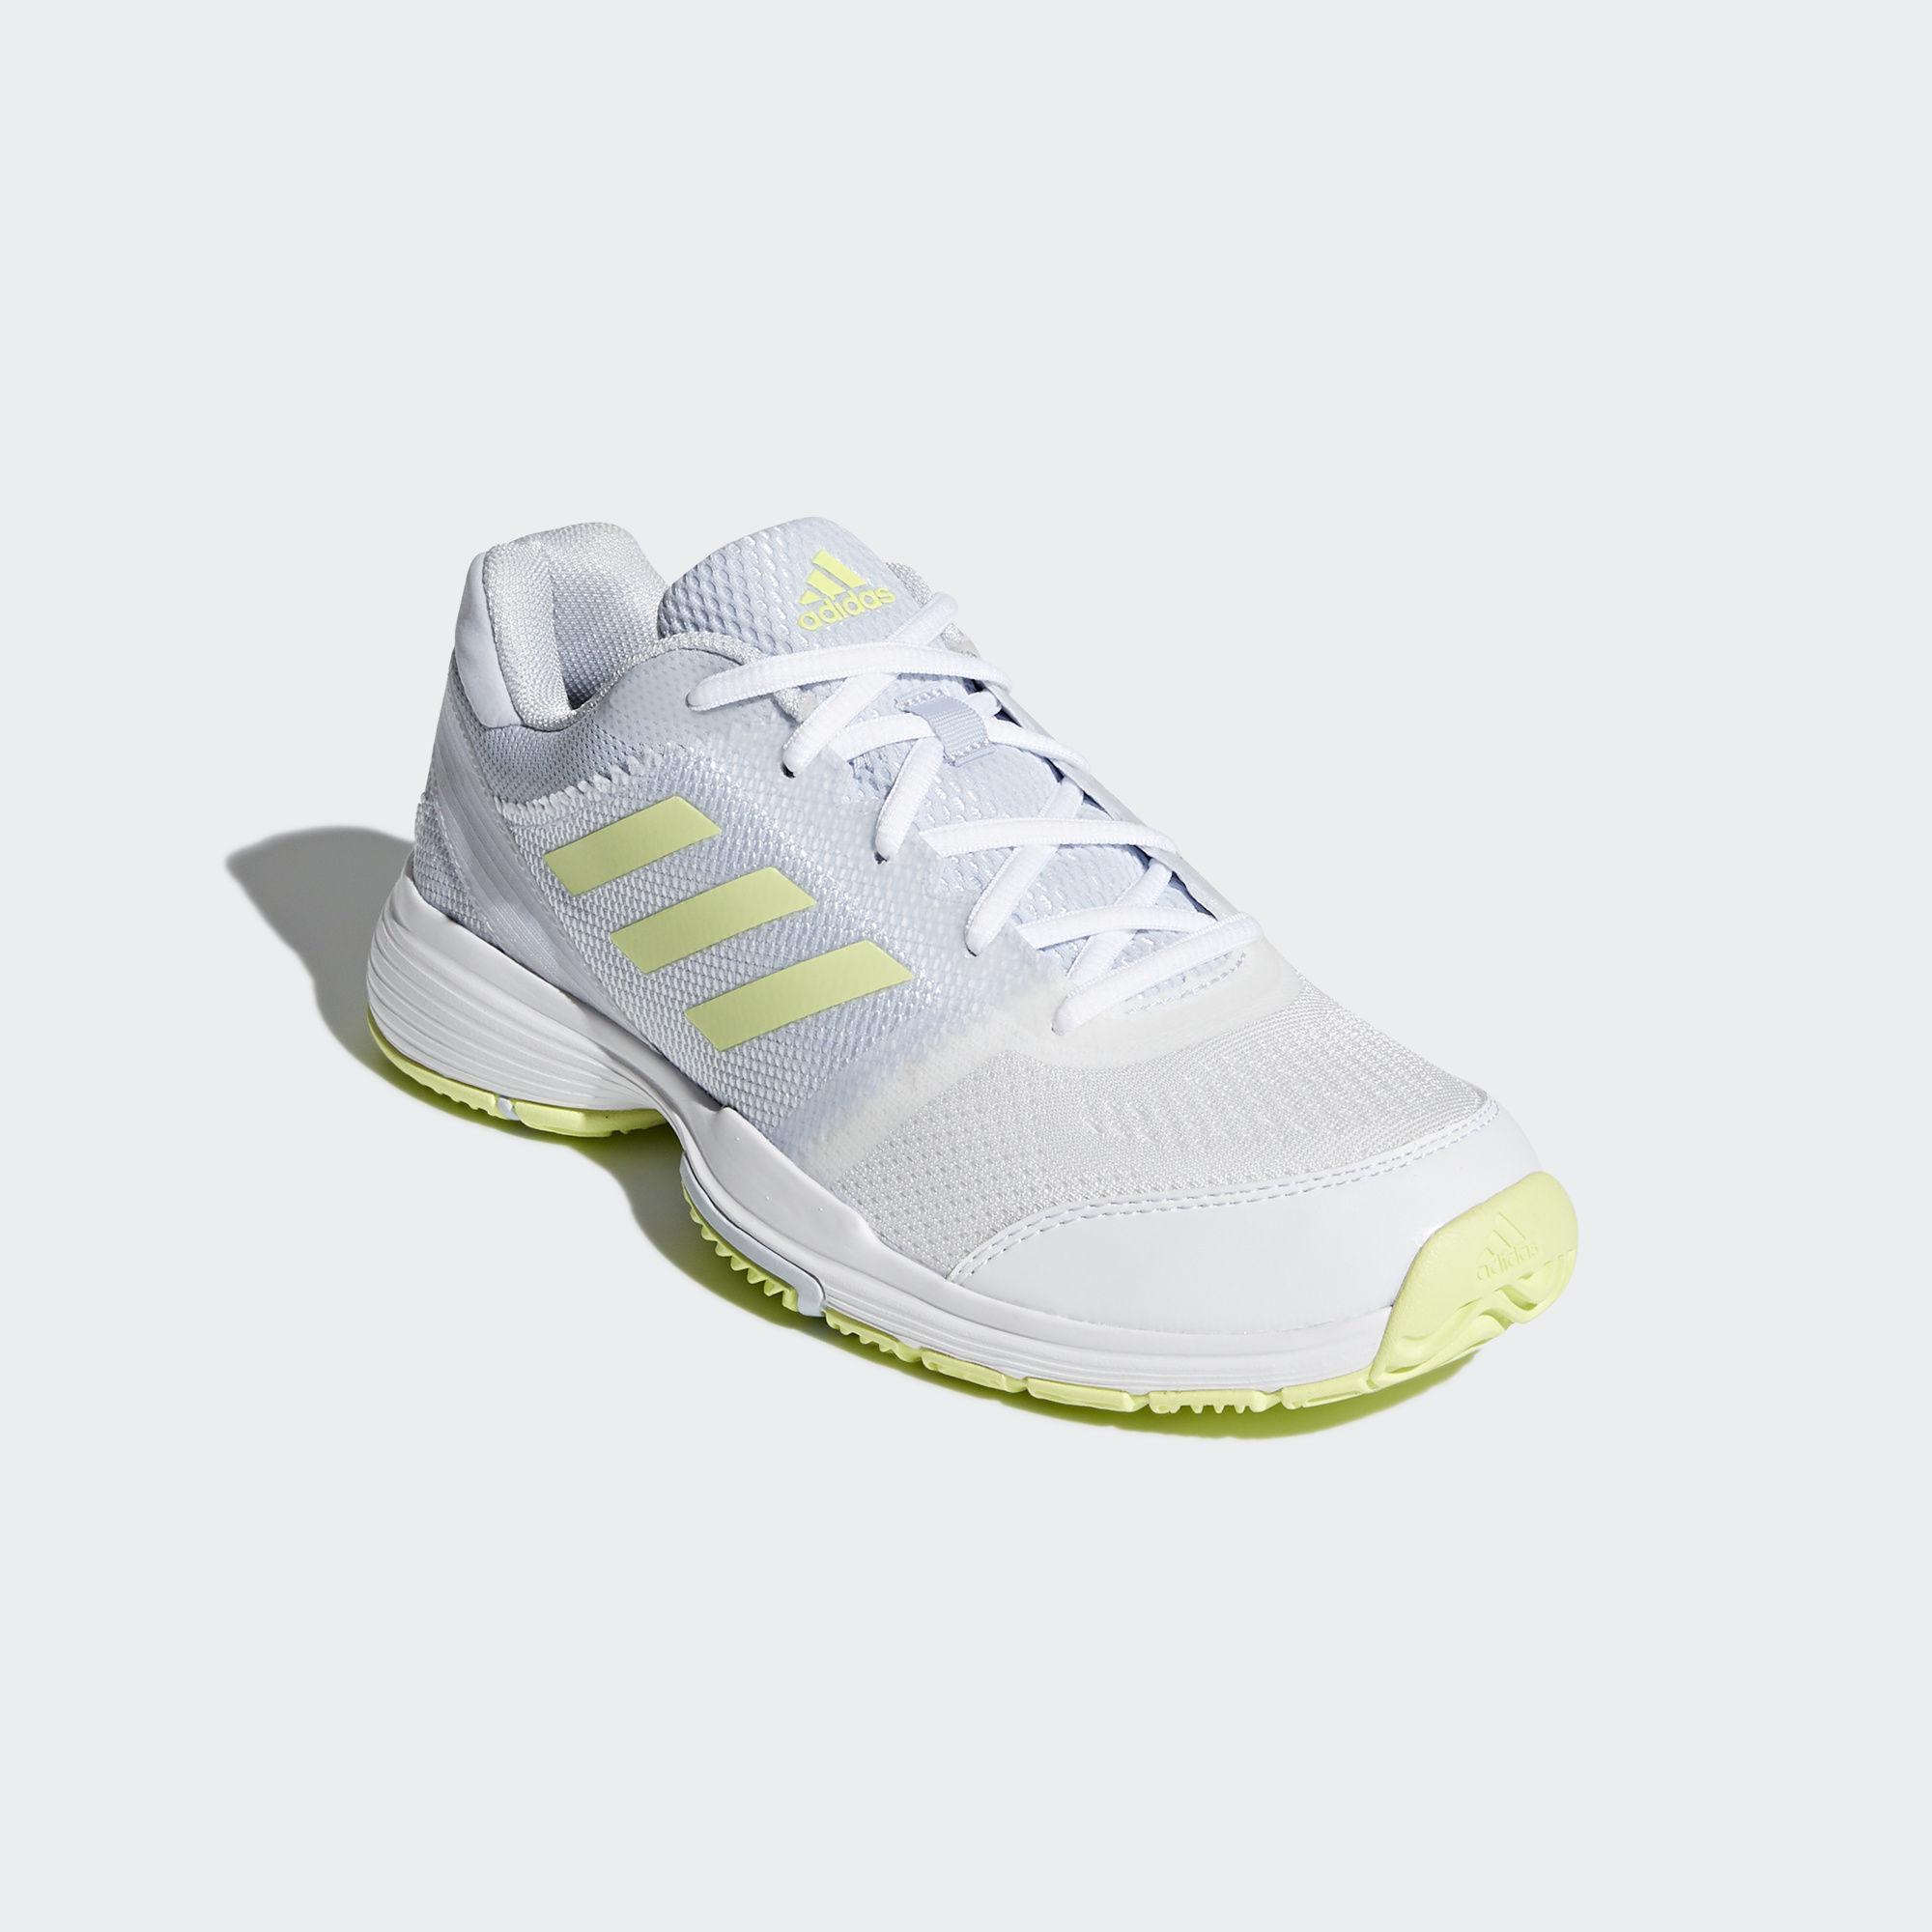 b644a5a971e Adidas Womens Barricade Club Tennis Shoes - White Blue Yellow ...